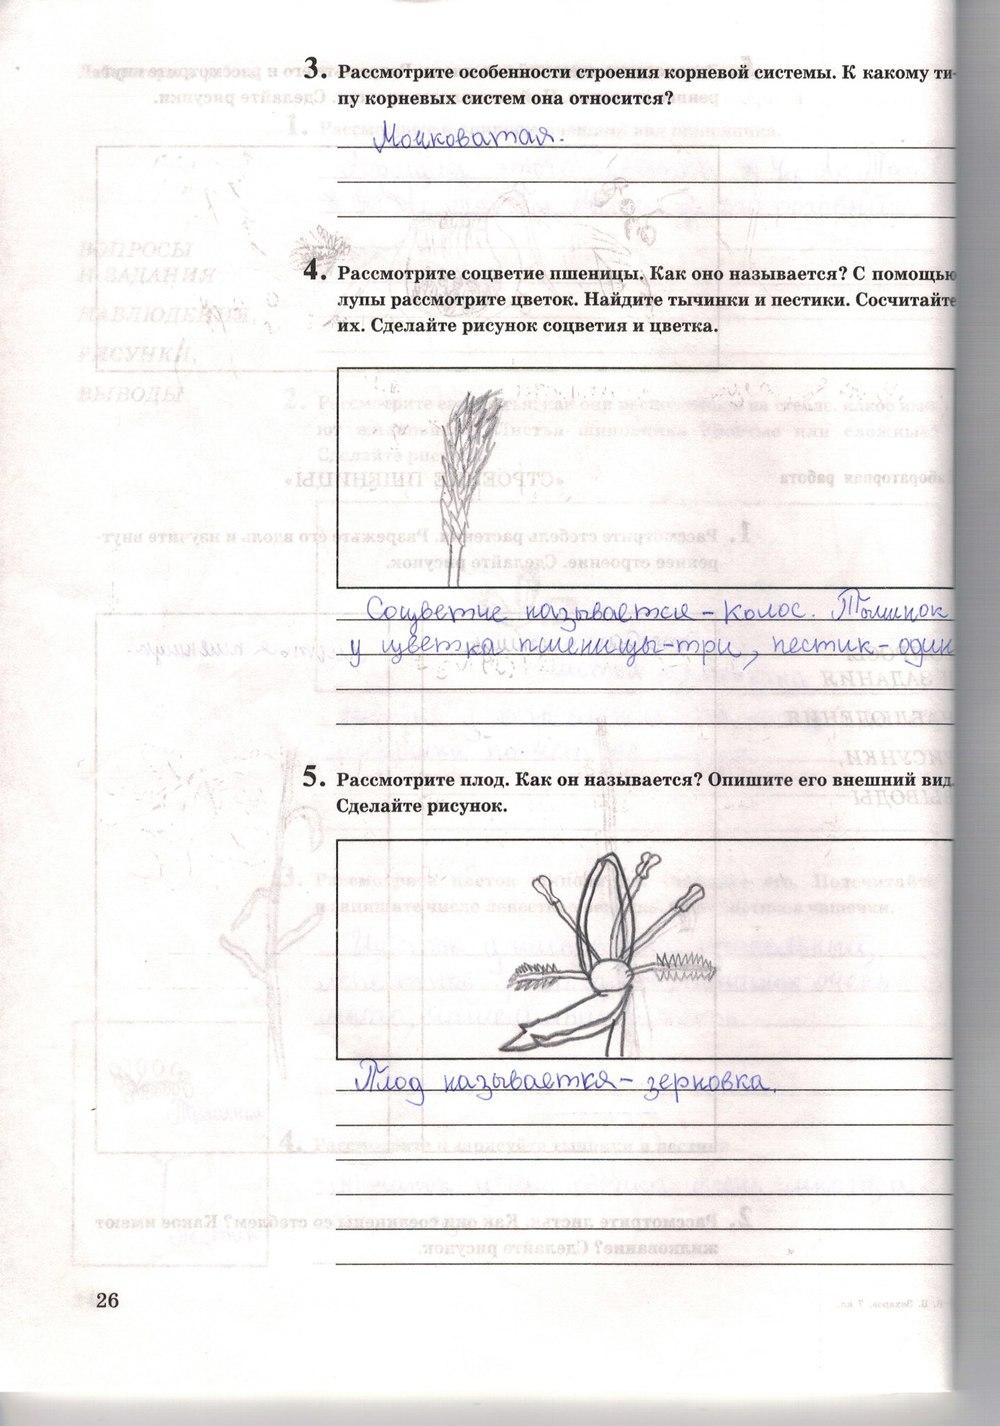 Решебник По Рабочей Тетради Биология 7 Класс Захаров И Сонин